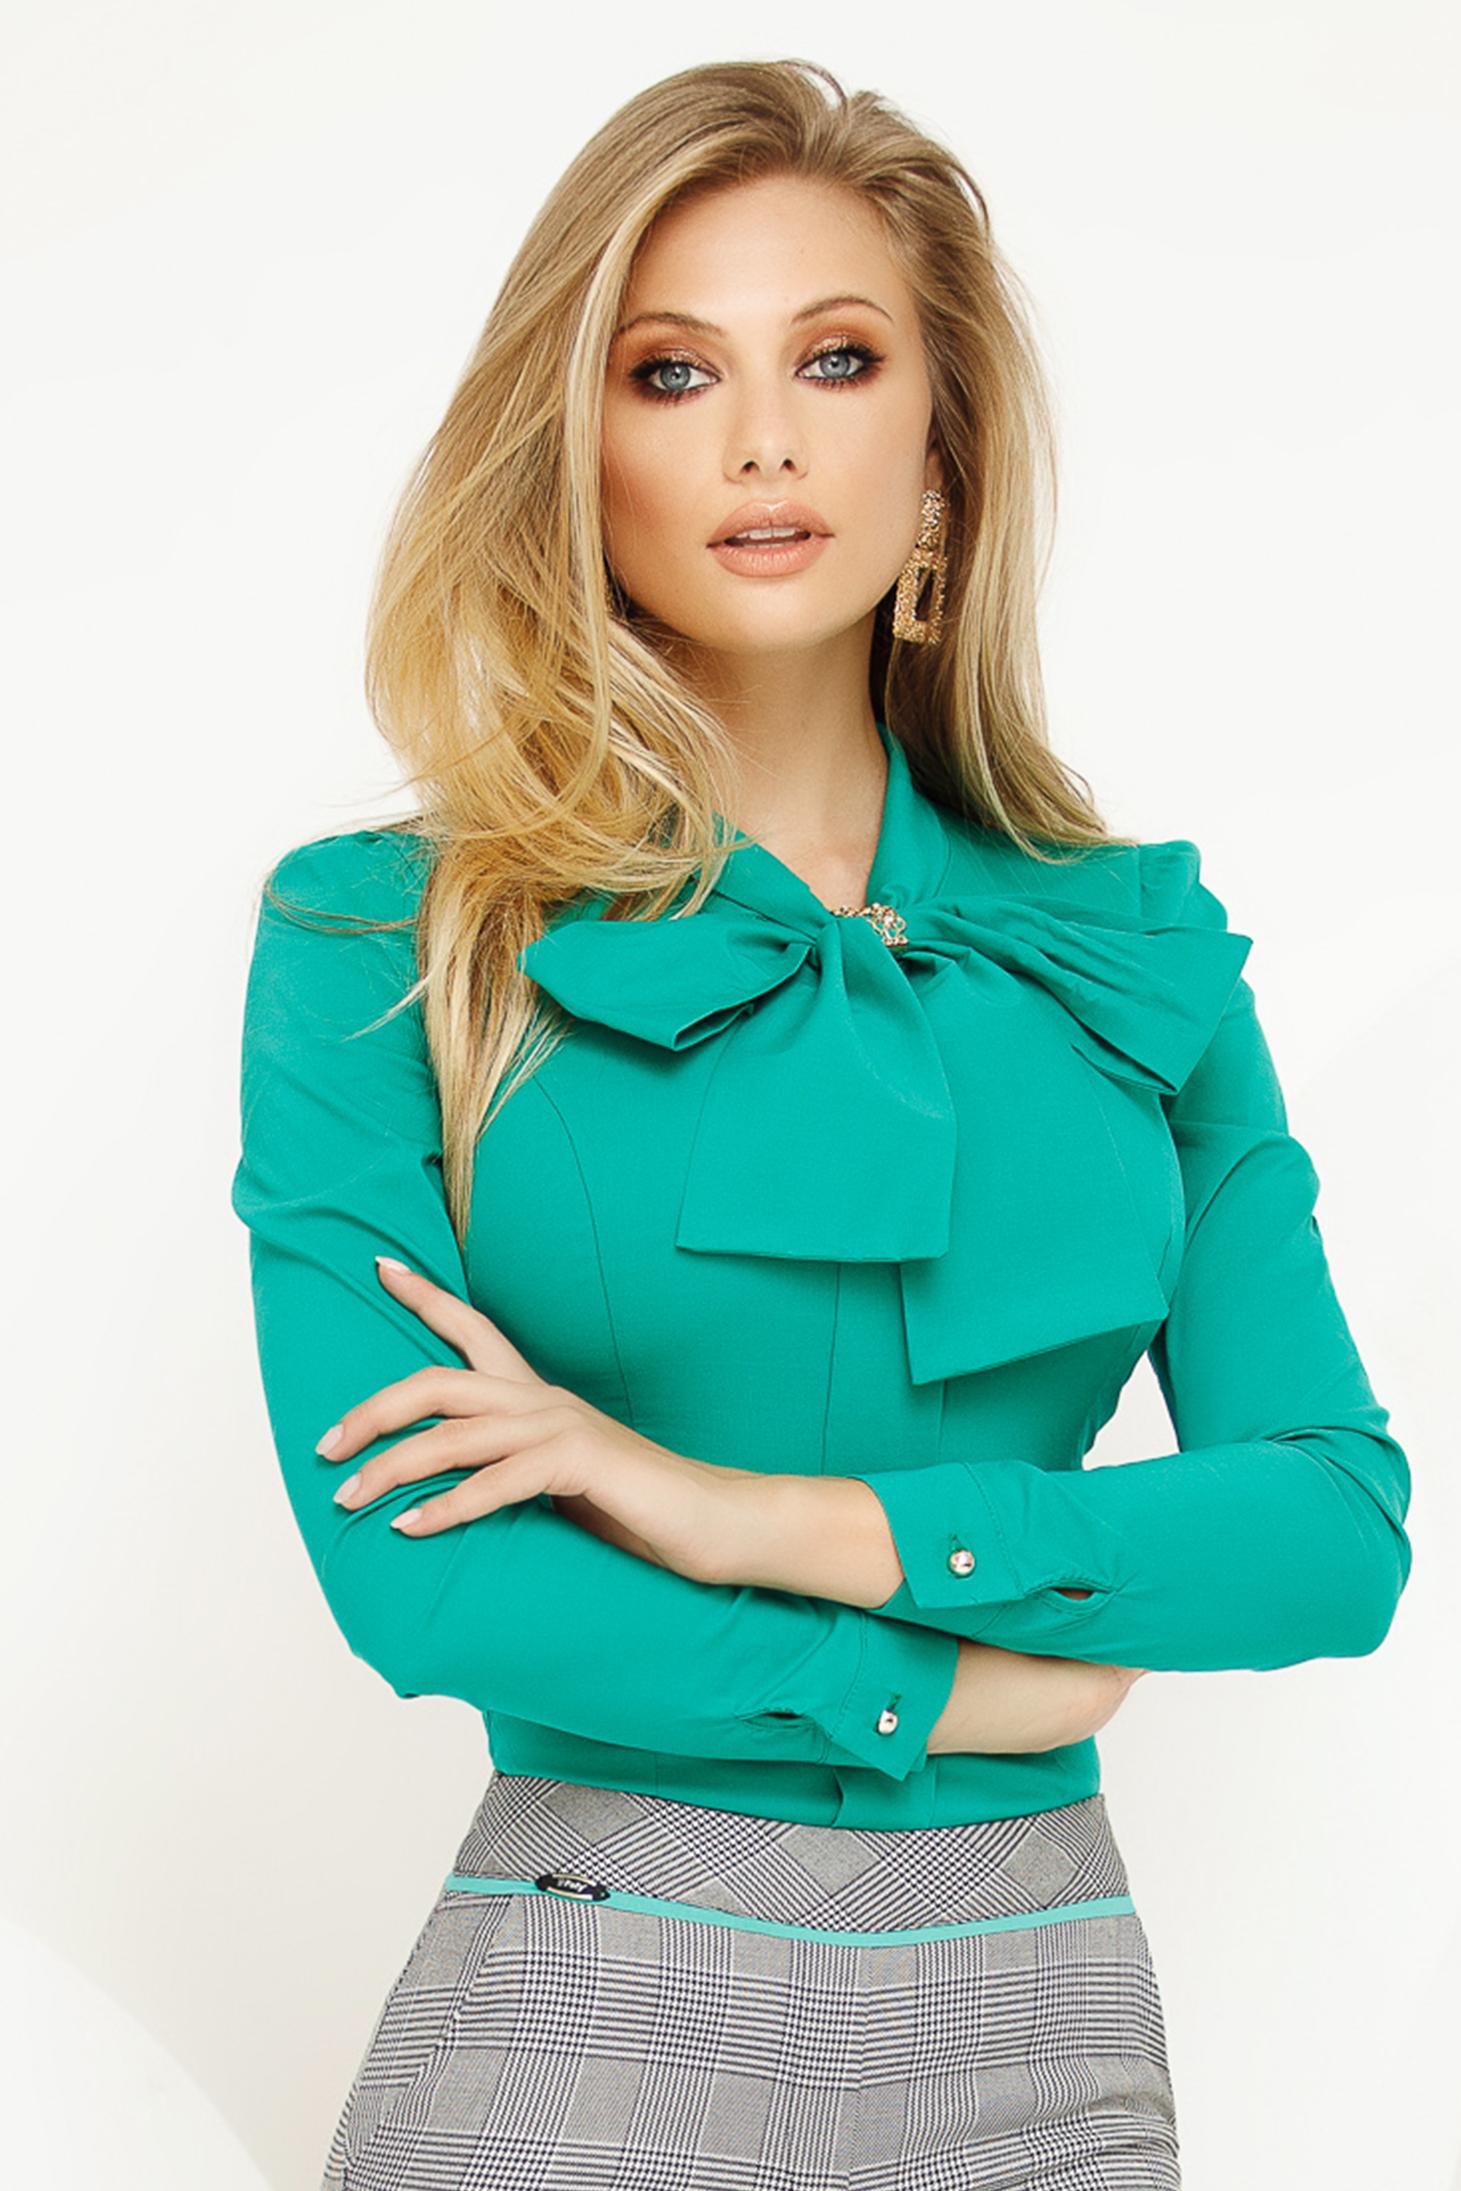 Zöld irodai női ing szűk szabású enyhén elasztikus pamut masni alakú kiegészítővel